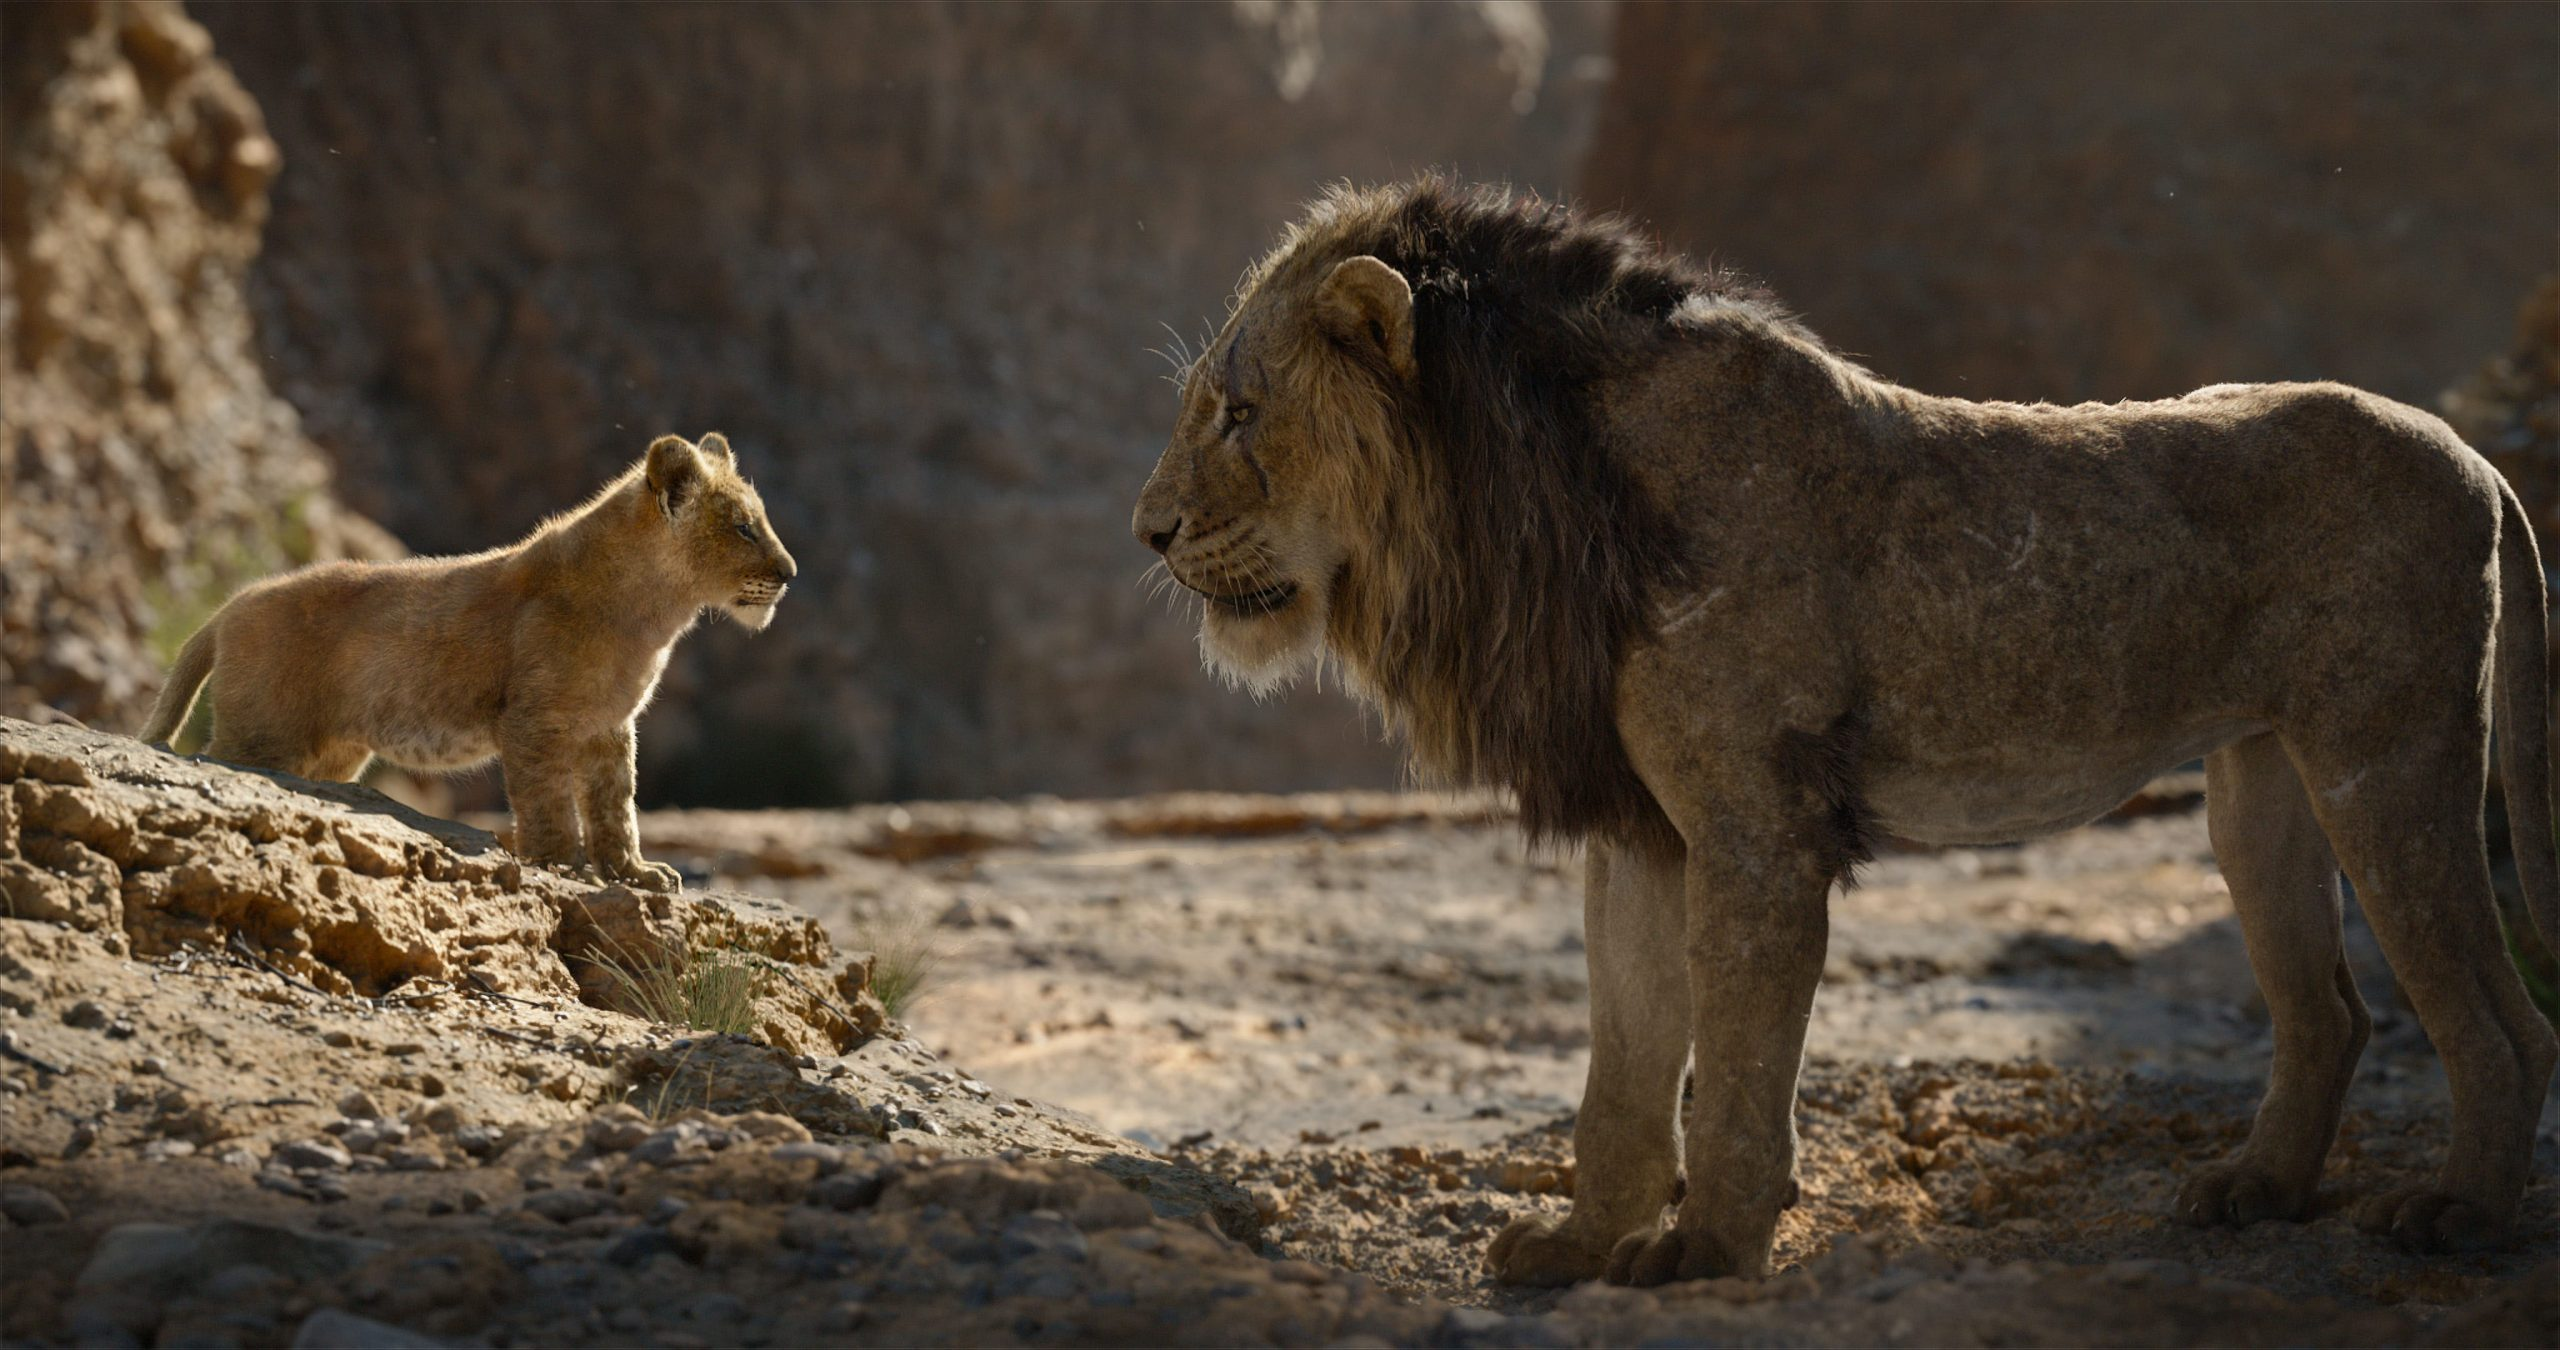 ¿El padrino II? Habrá una segunda parte en live action de 'El rey león'